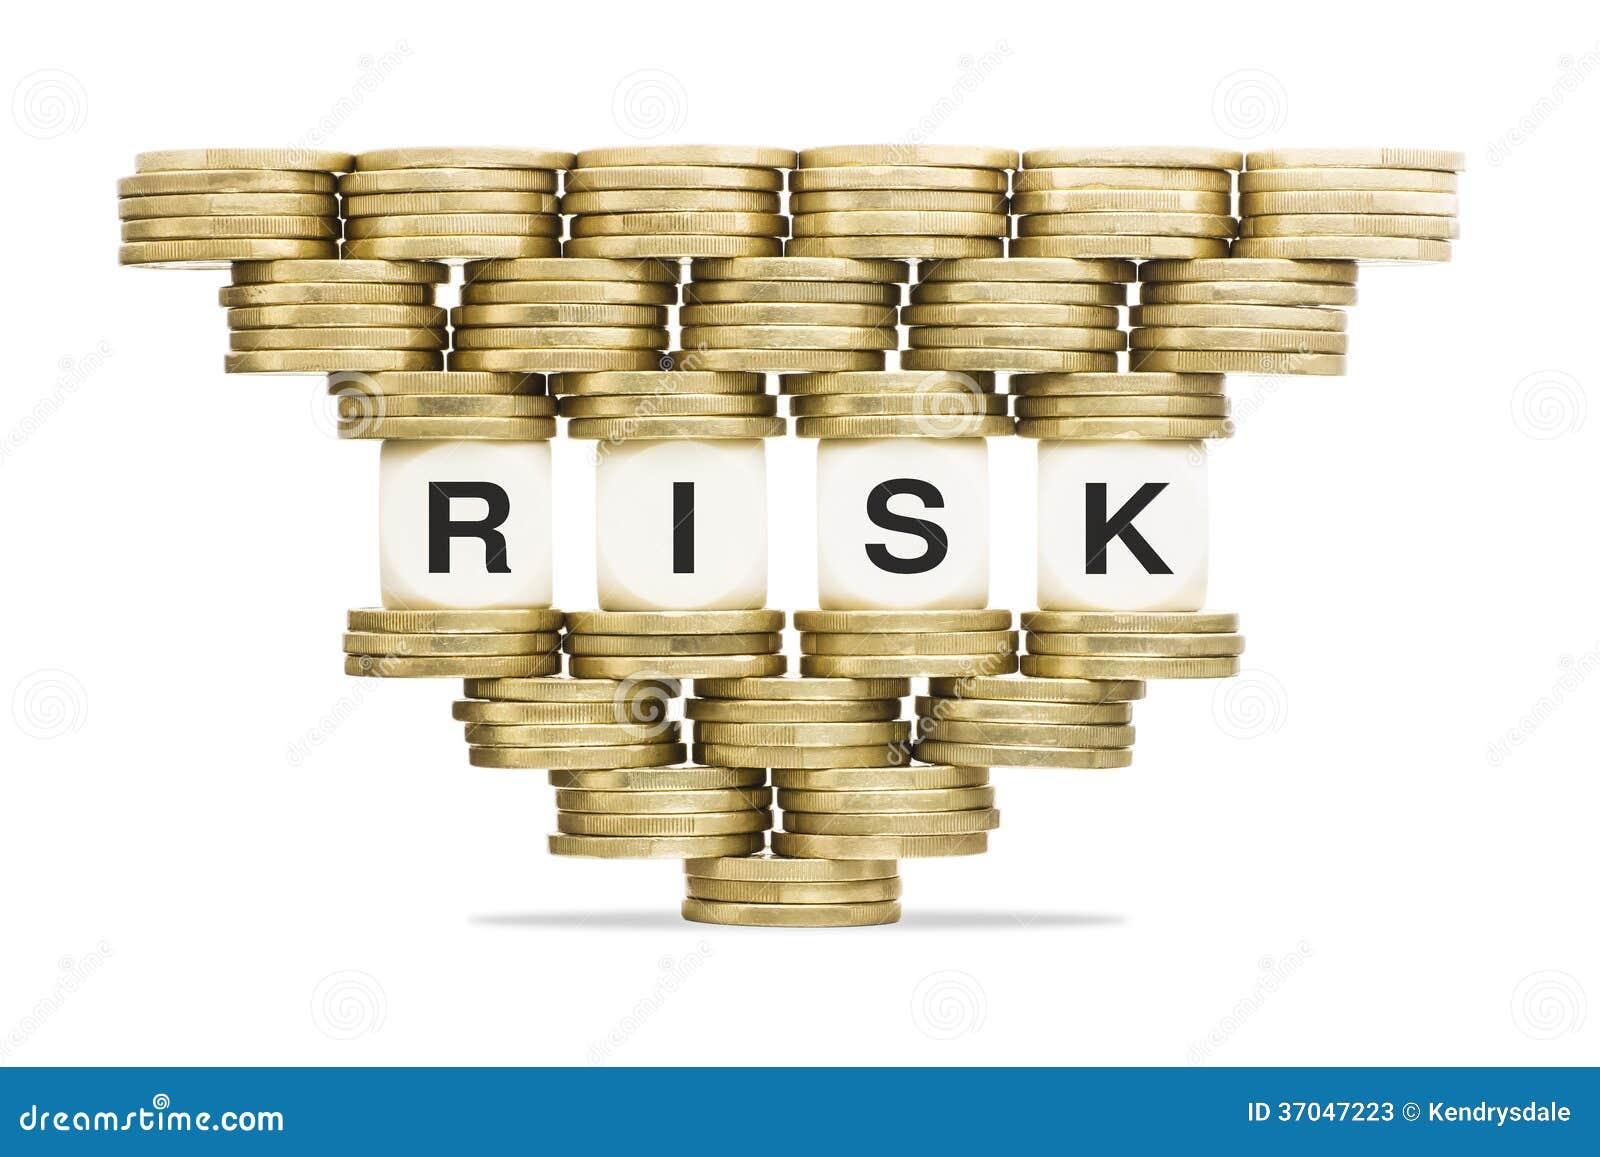 Κίνδυνος του Word διαχείρησης κινδύνων στον ασταθή σωρό των χρυσών νομισμάτων